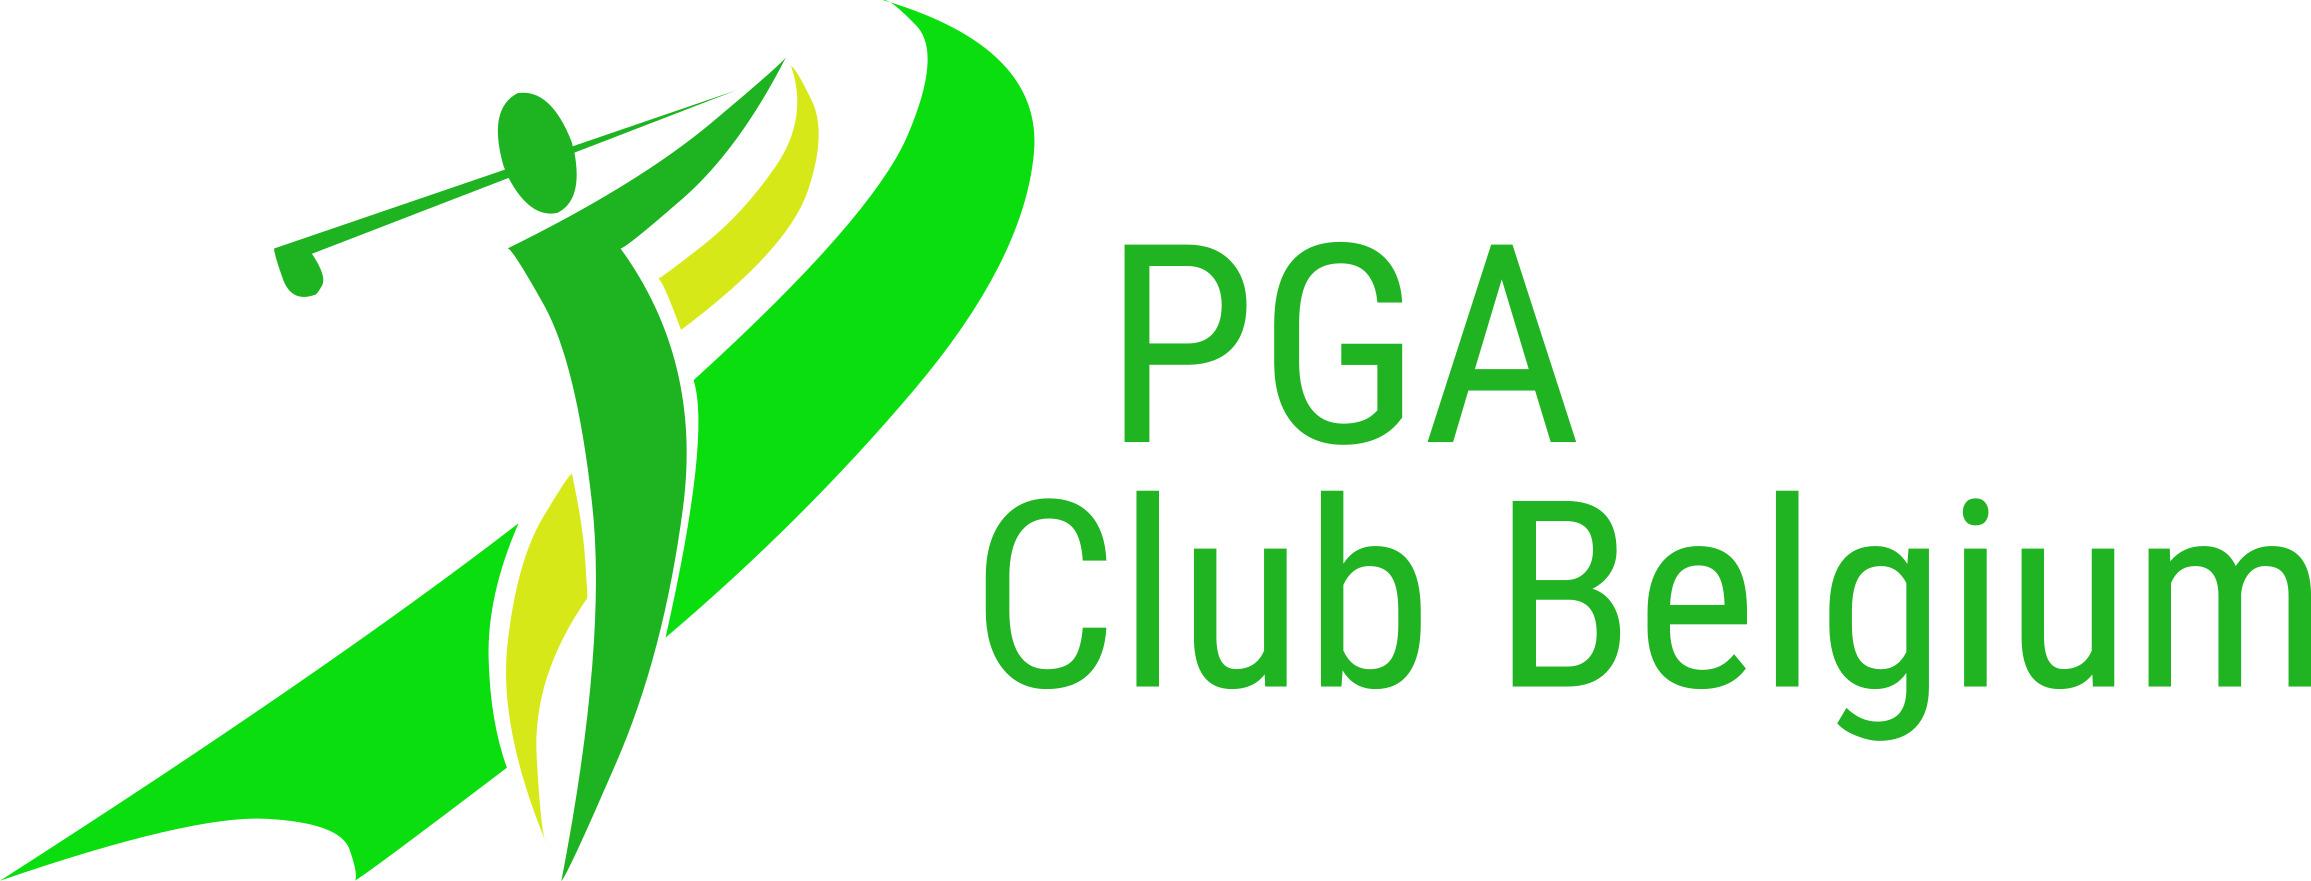 PGA Club Belgium logo